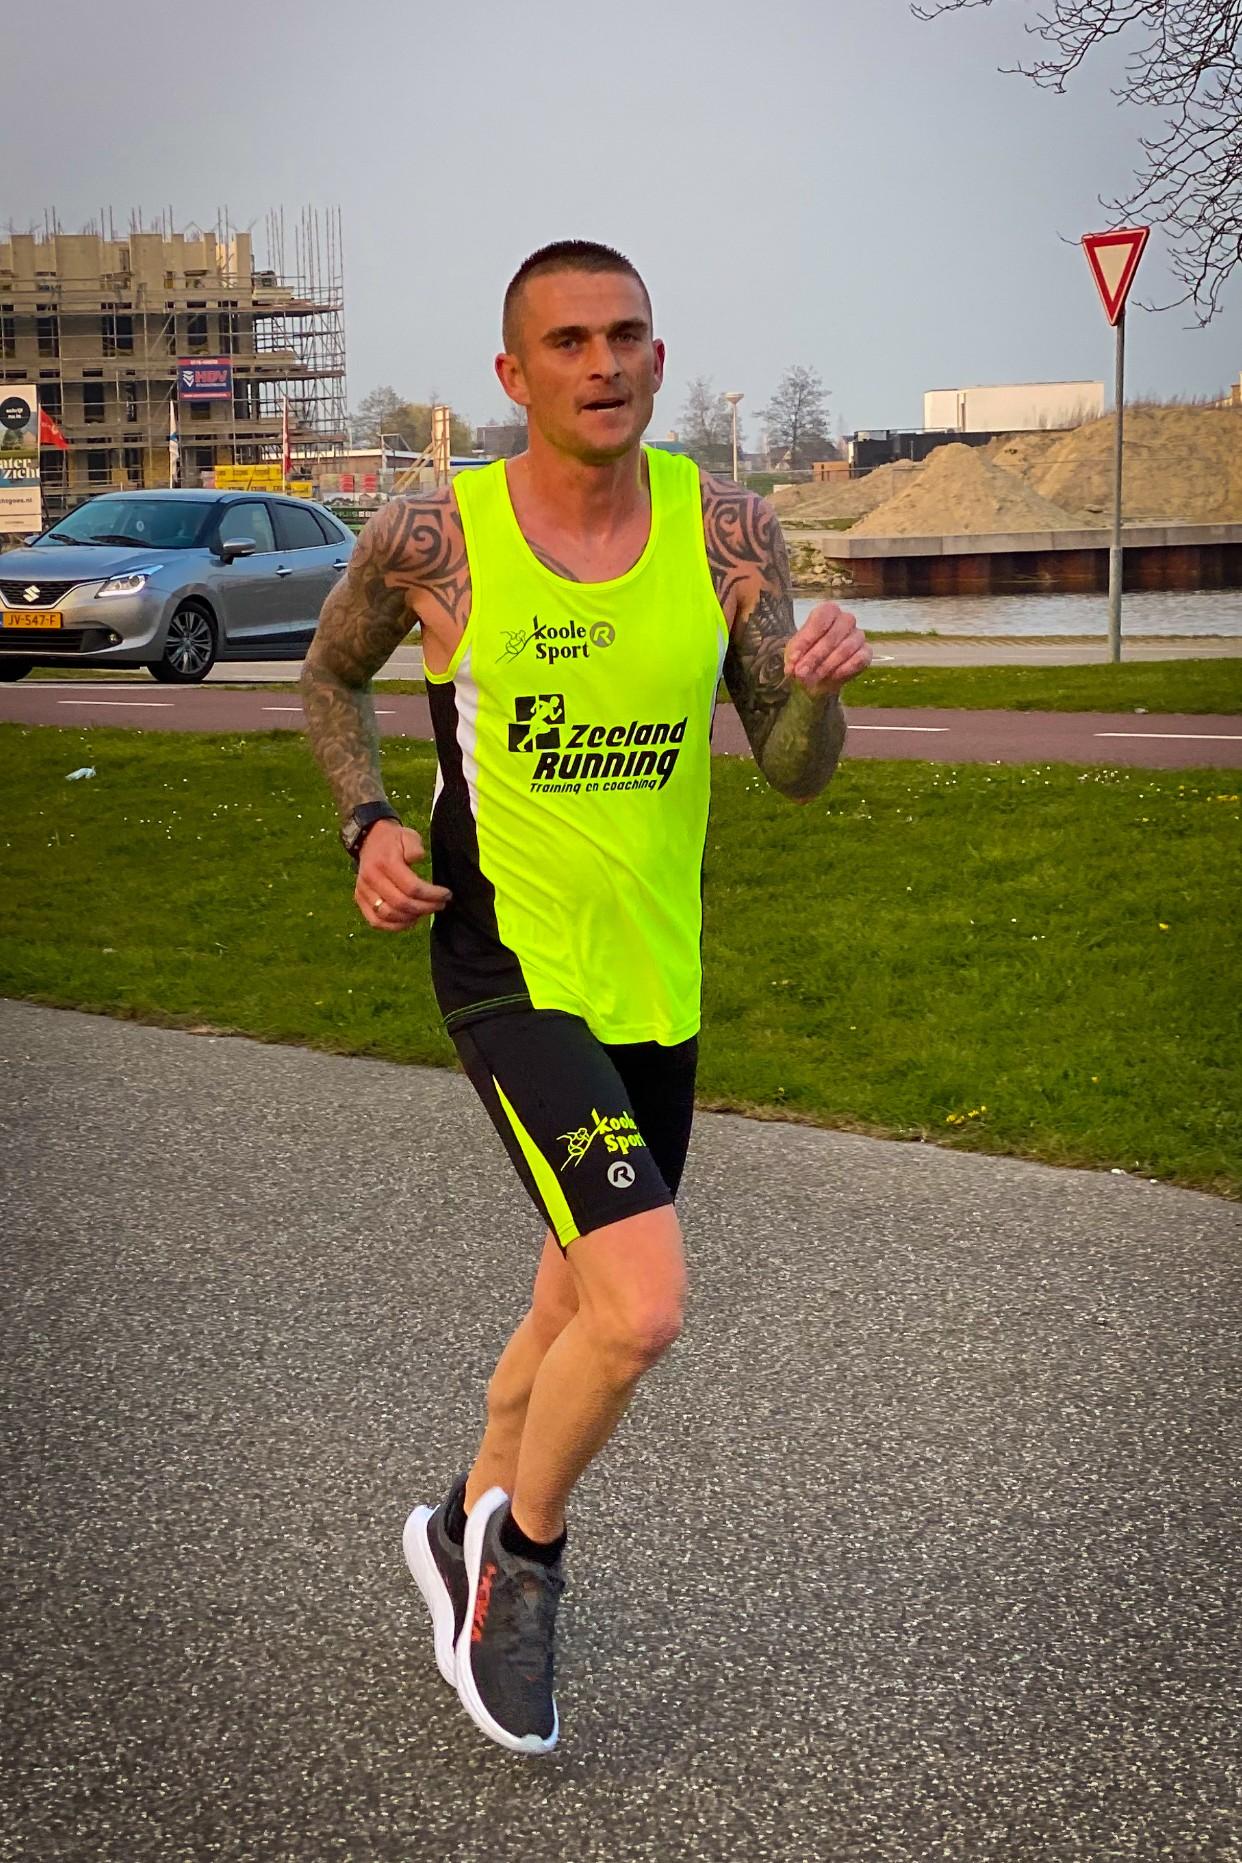 Johan Spruit